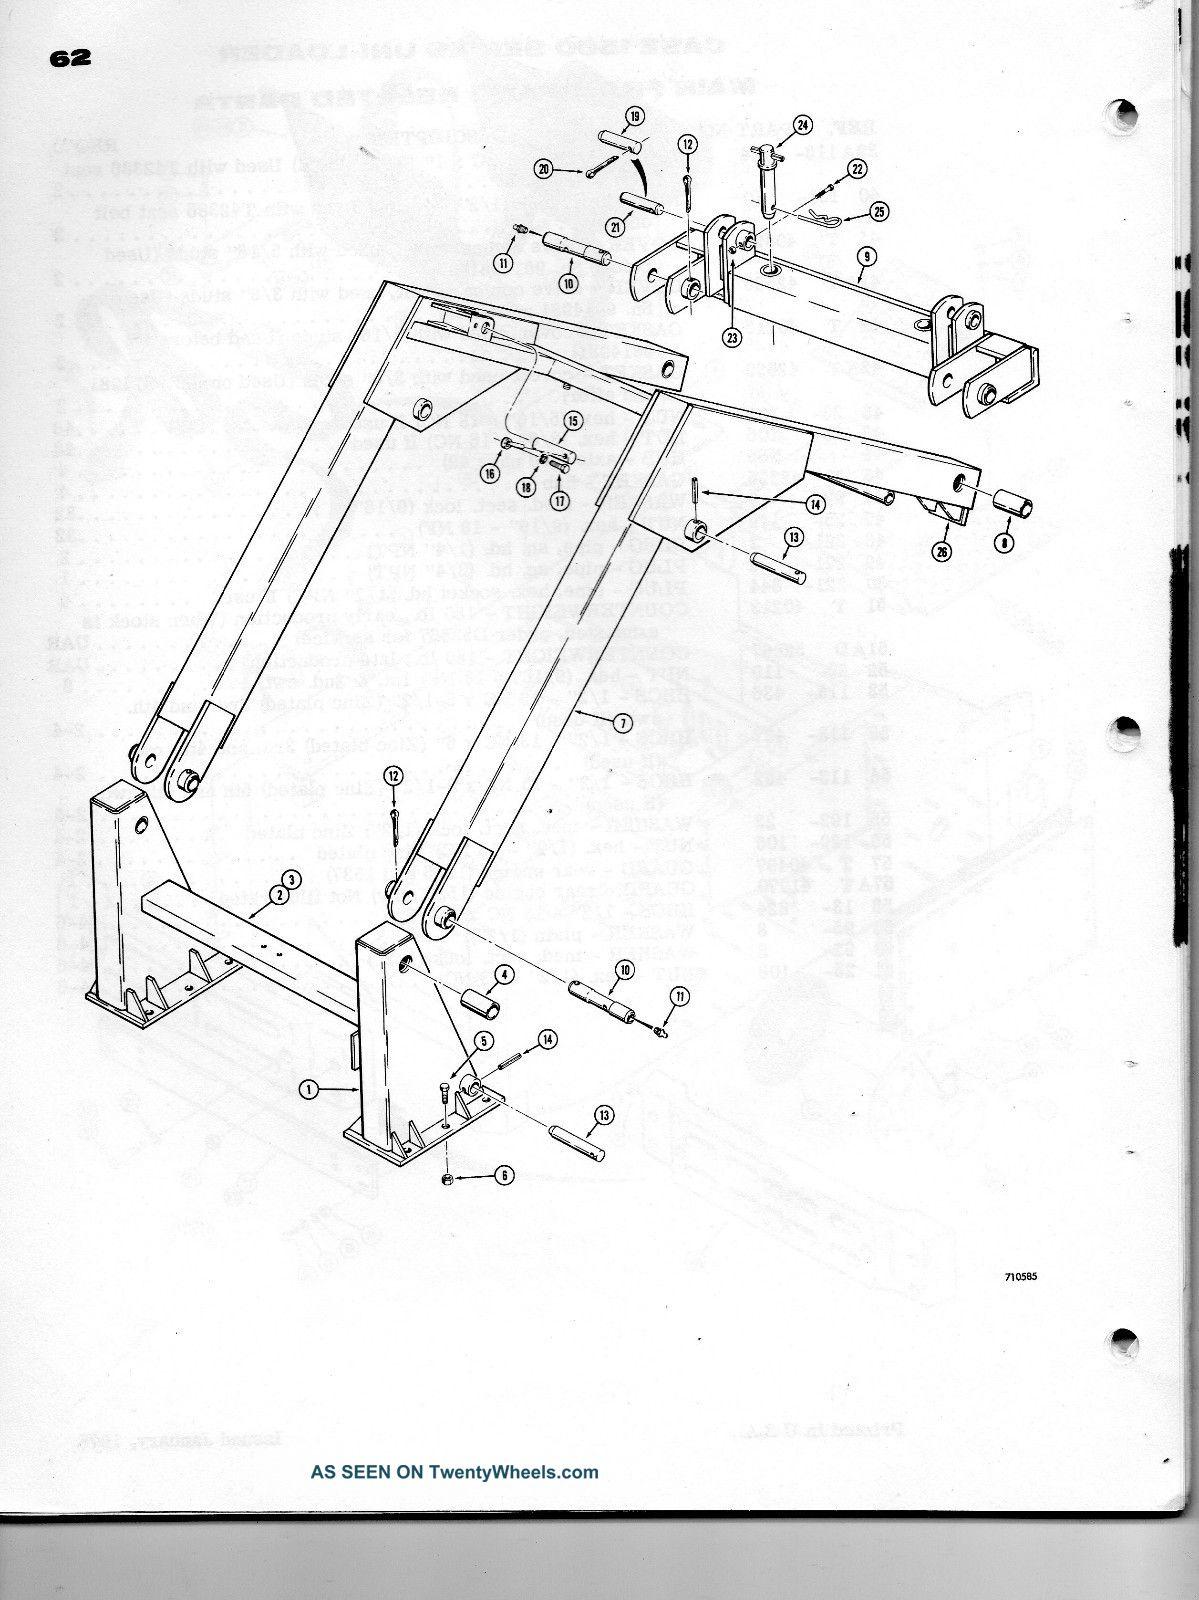 wisconsin tjd engine wiring diagram